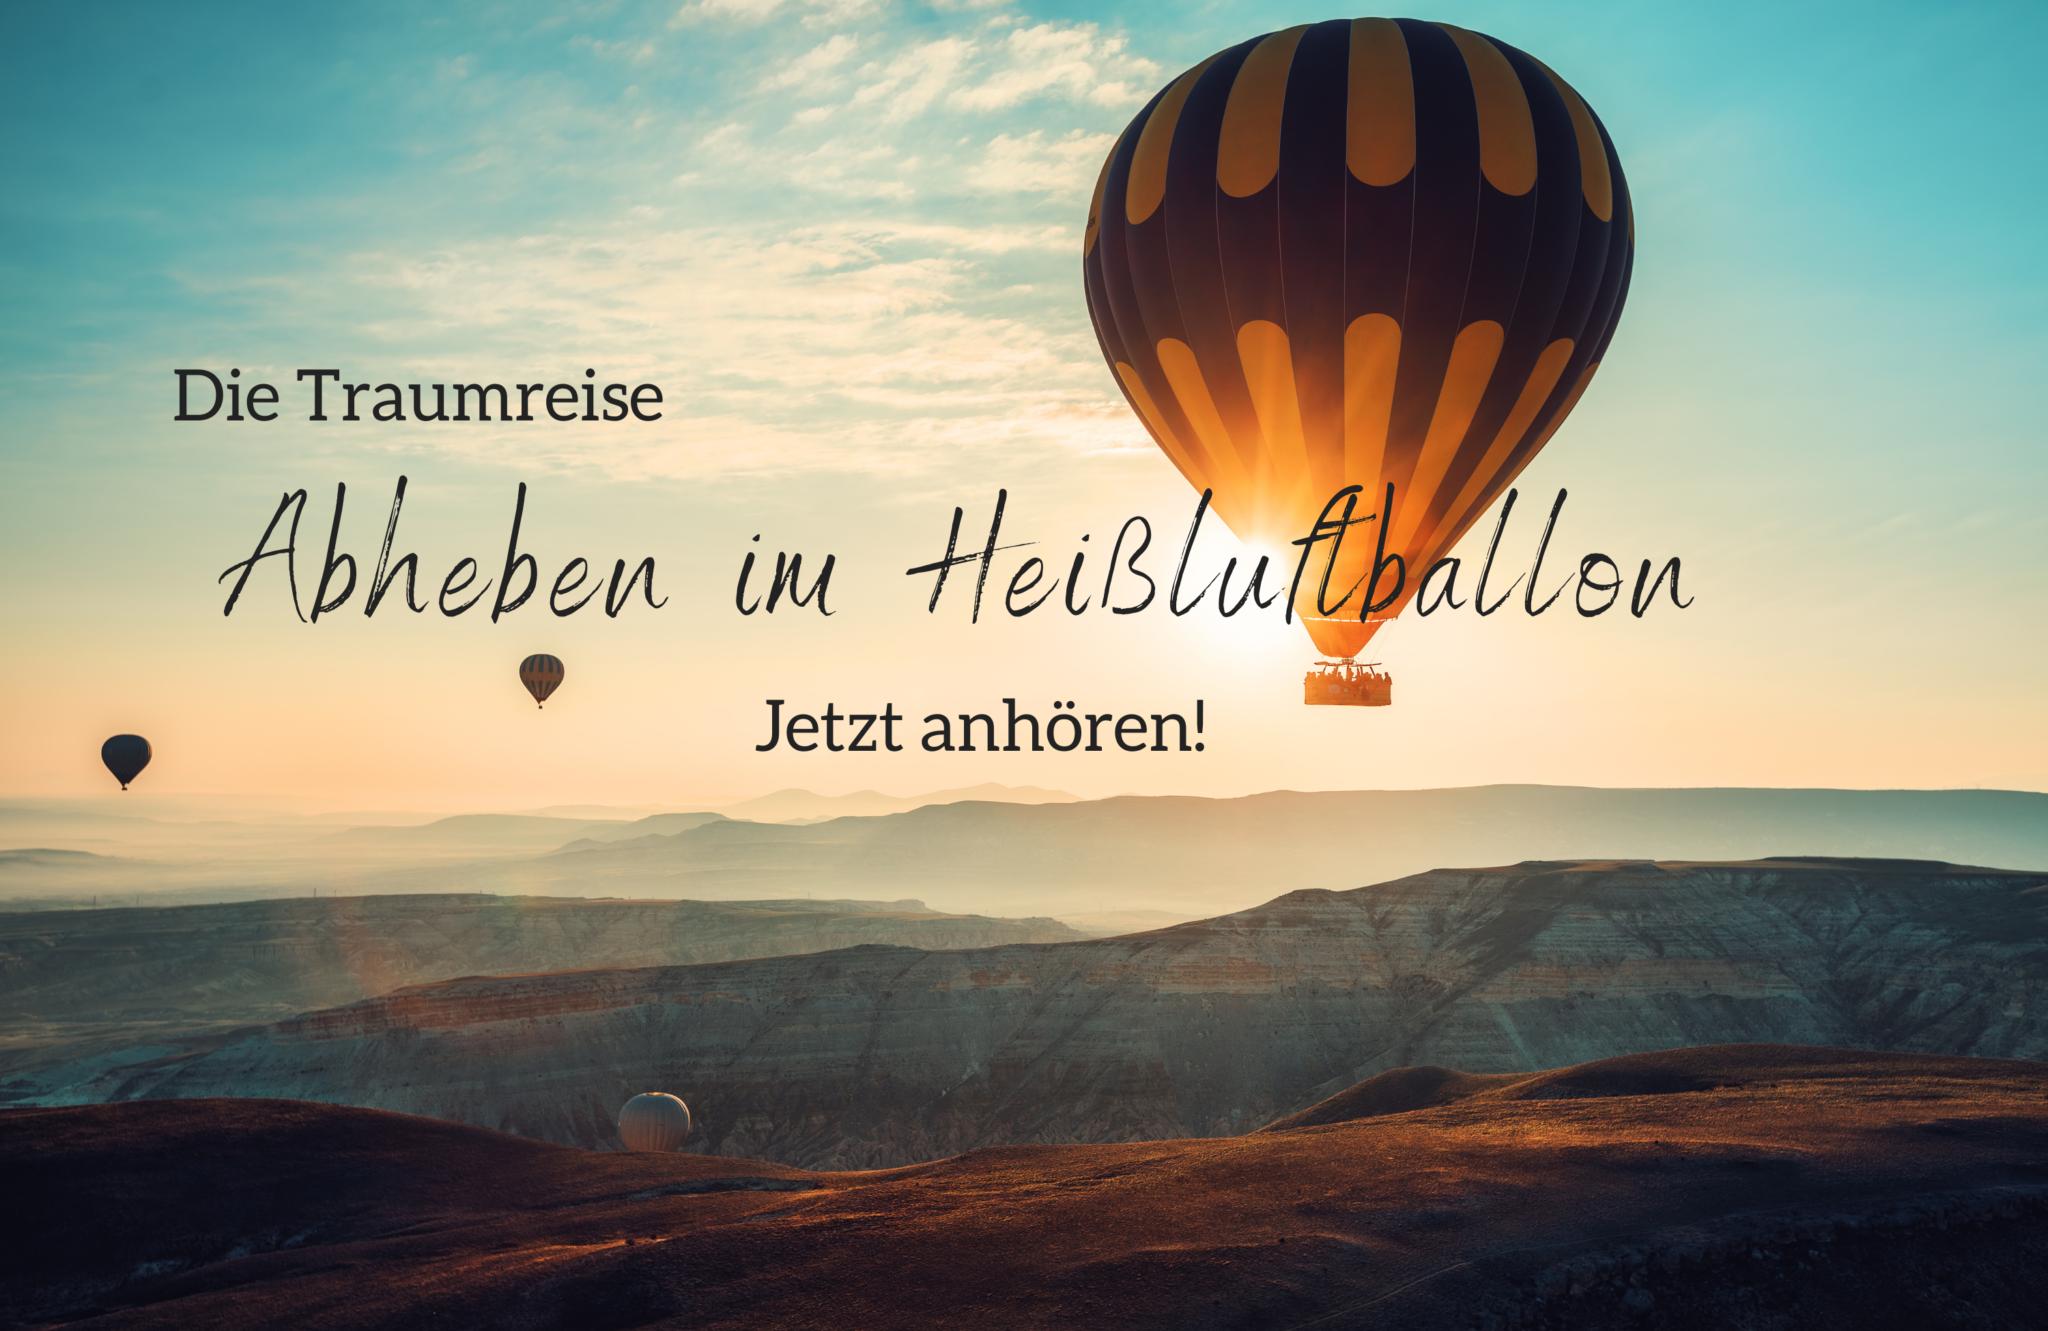 Diplom Psychologin Psychologe 74821 Mosbach Traumreise Freiheit fliegen Heißluftsballon Entspannungsreisen Entspannungsgeschichten Entspannung Erwachsene H